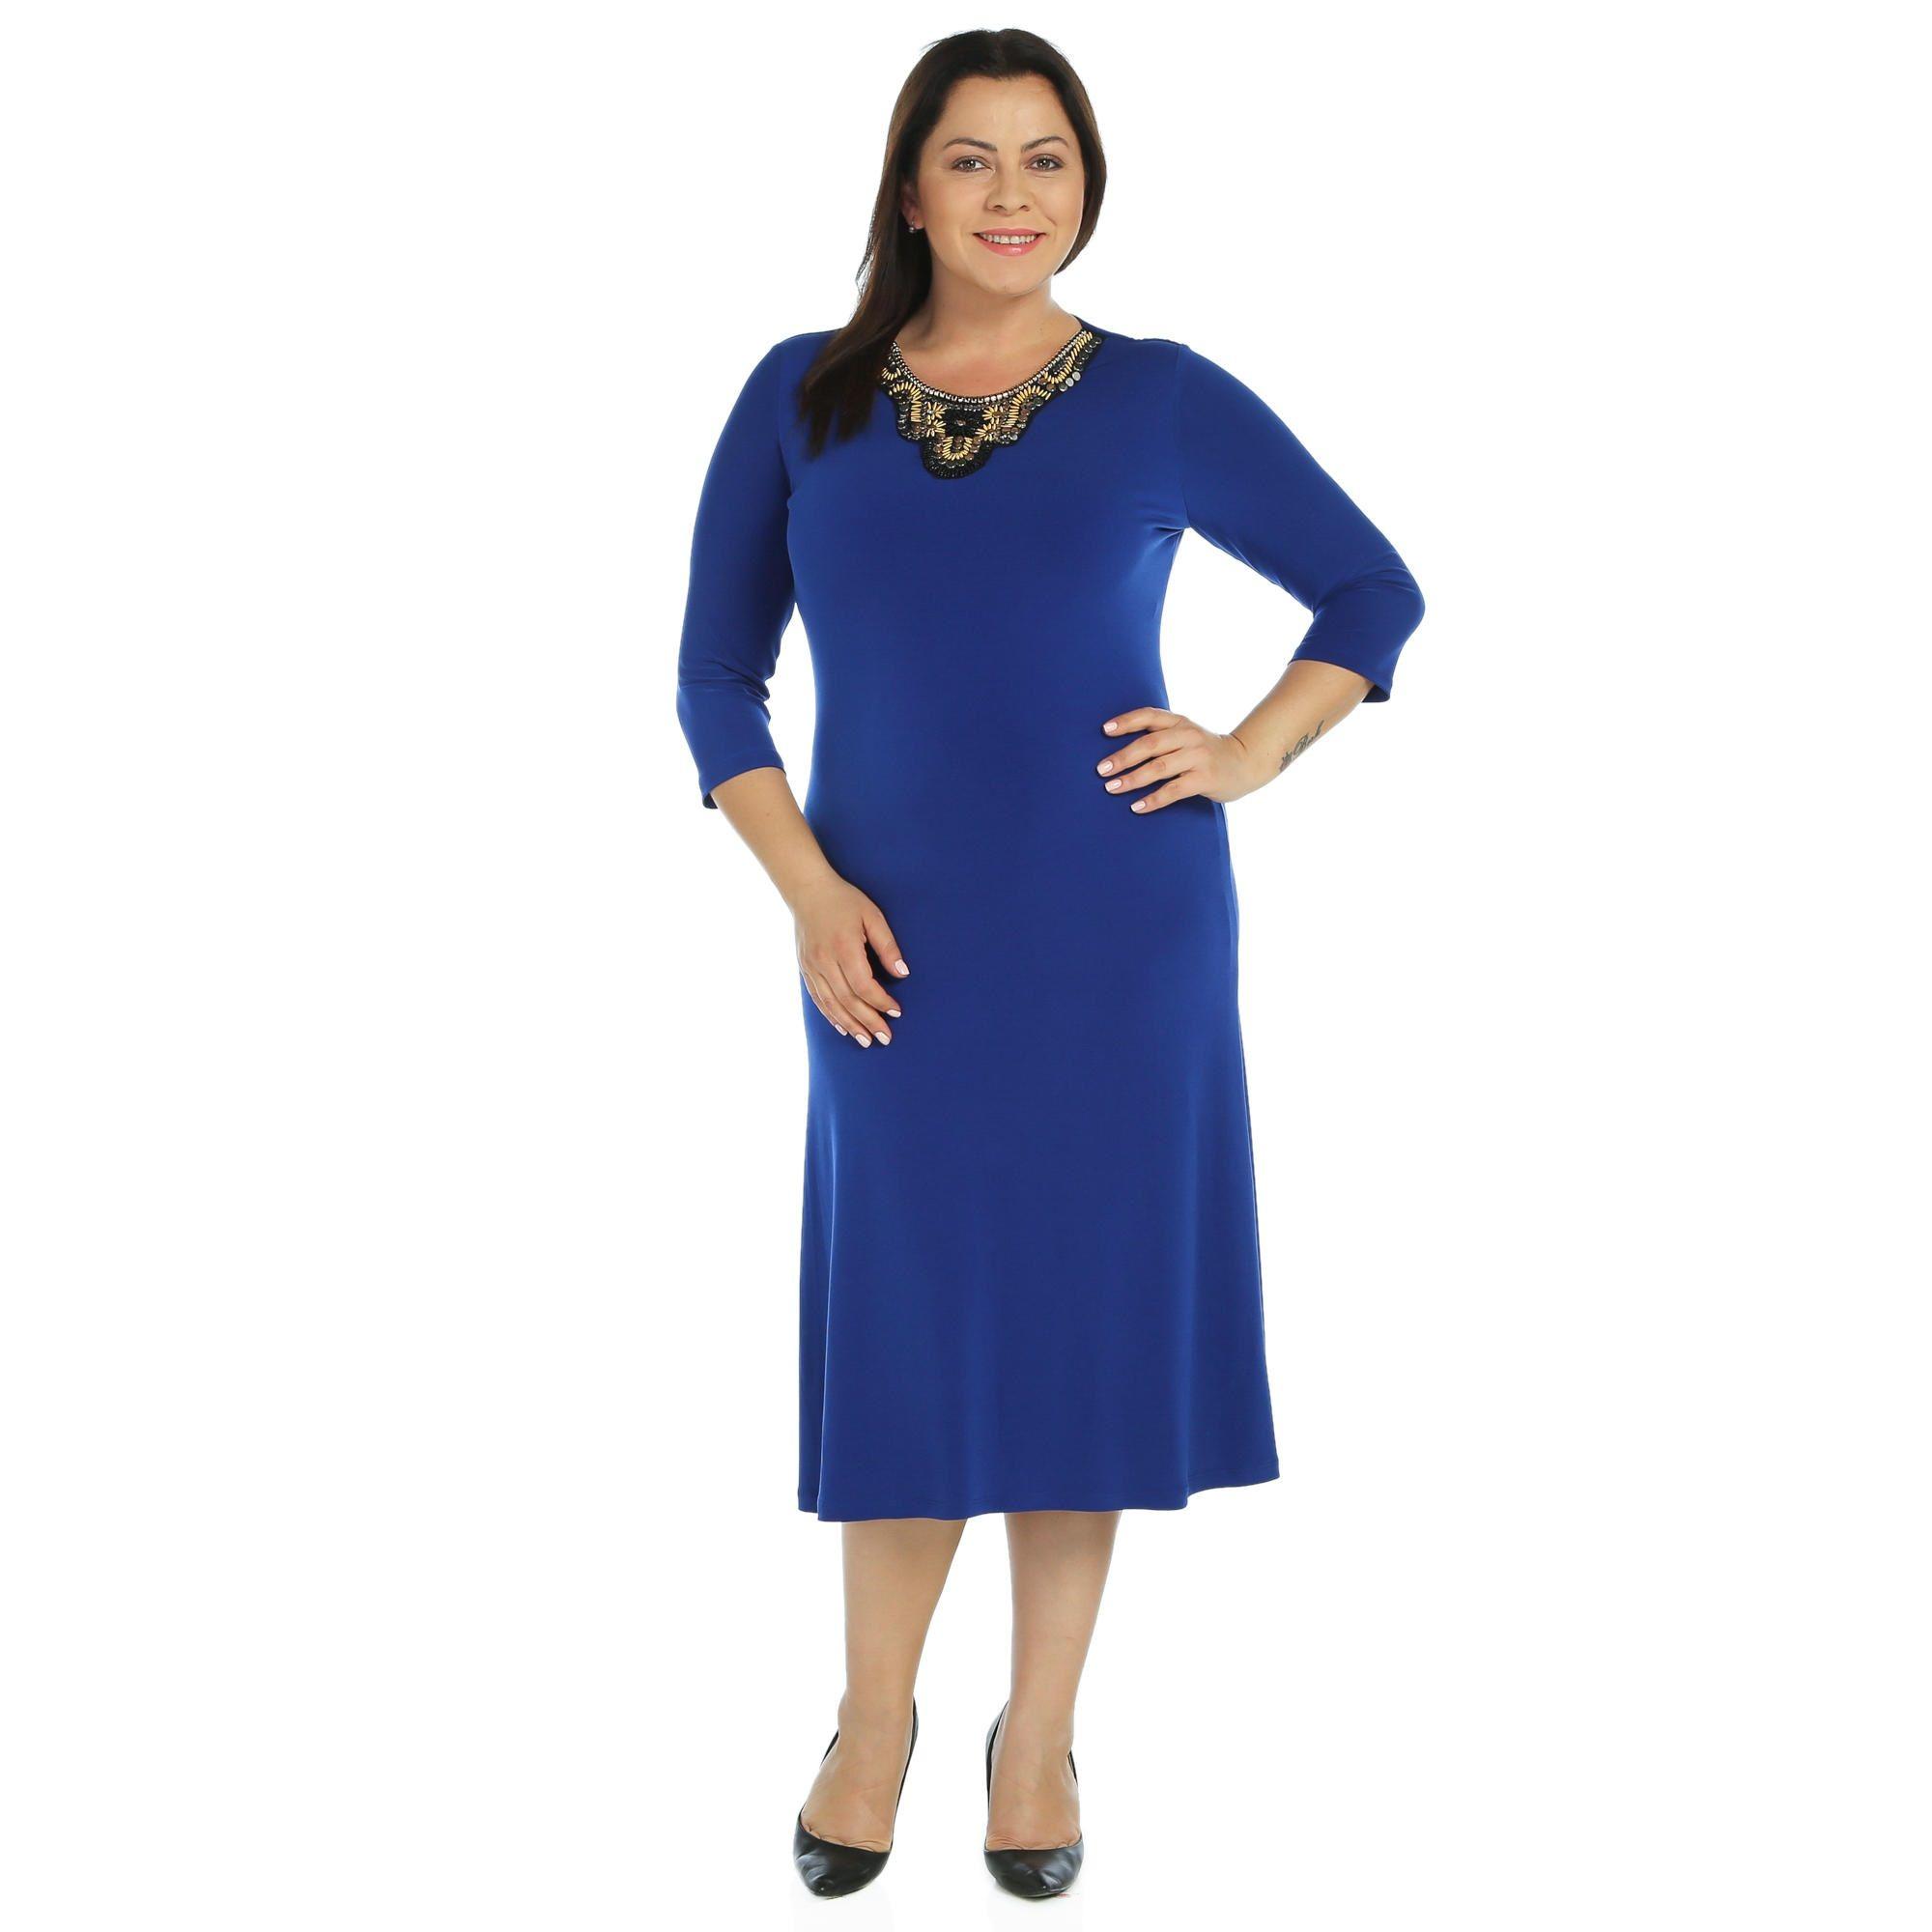 Nidya Moda Buyuk Beden Otantik Yaka Sandy Elbise Kadin Giyim Kiyafet Bigsize Dress Moda Elbise Giyim